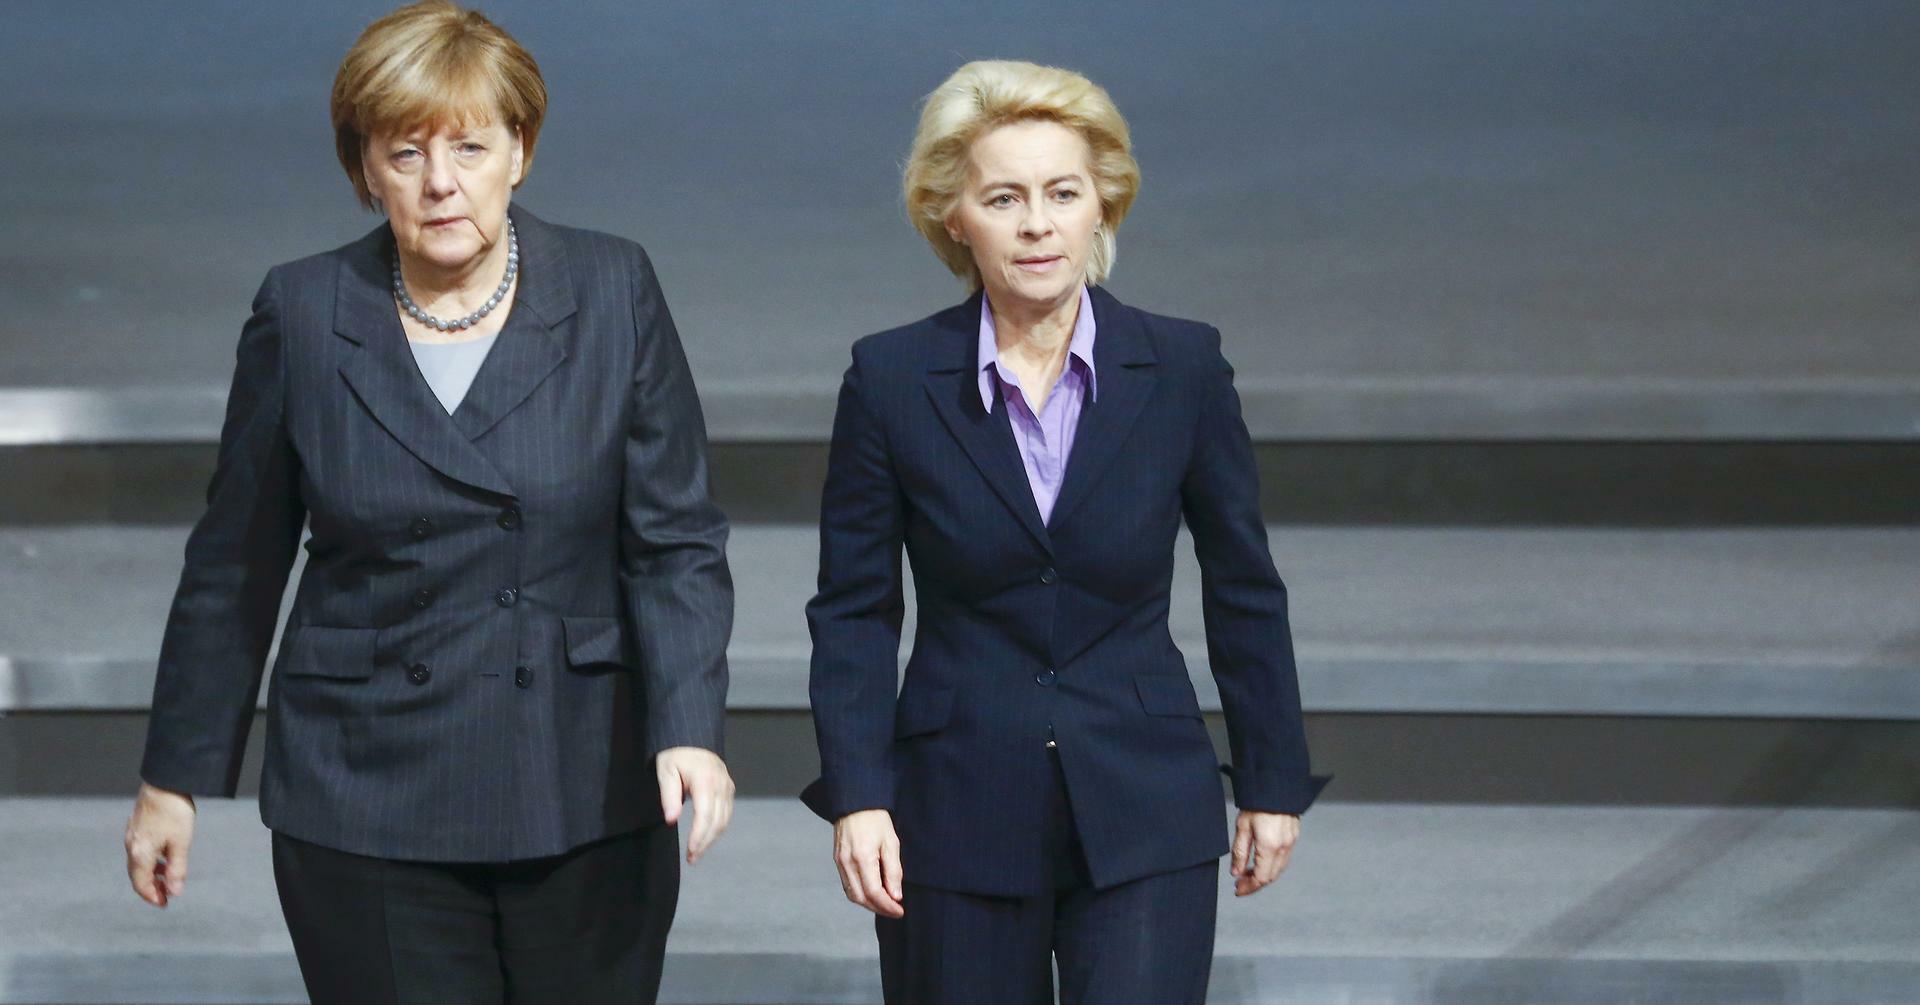 Merkel és az EU-Bizottság idiotizmusáról